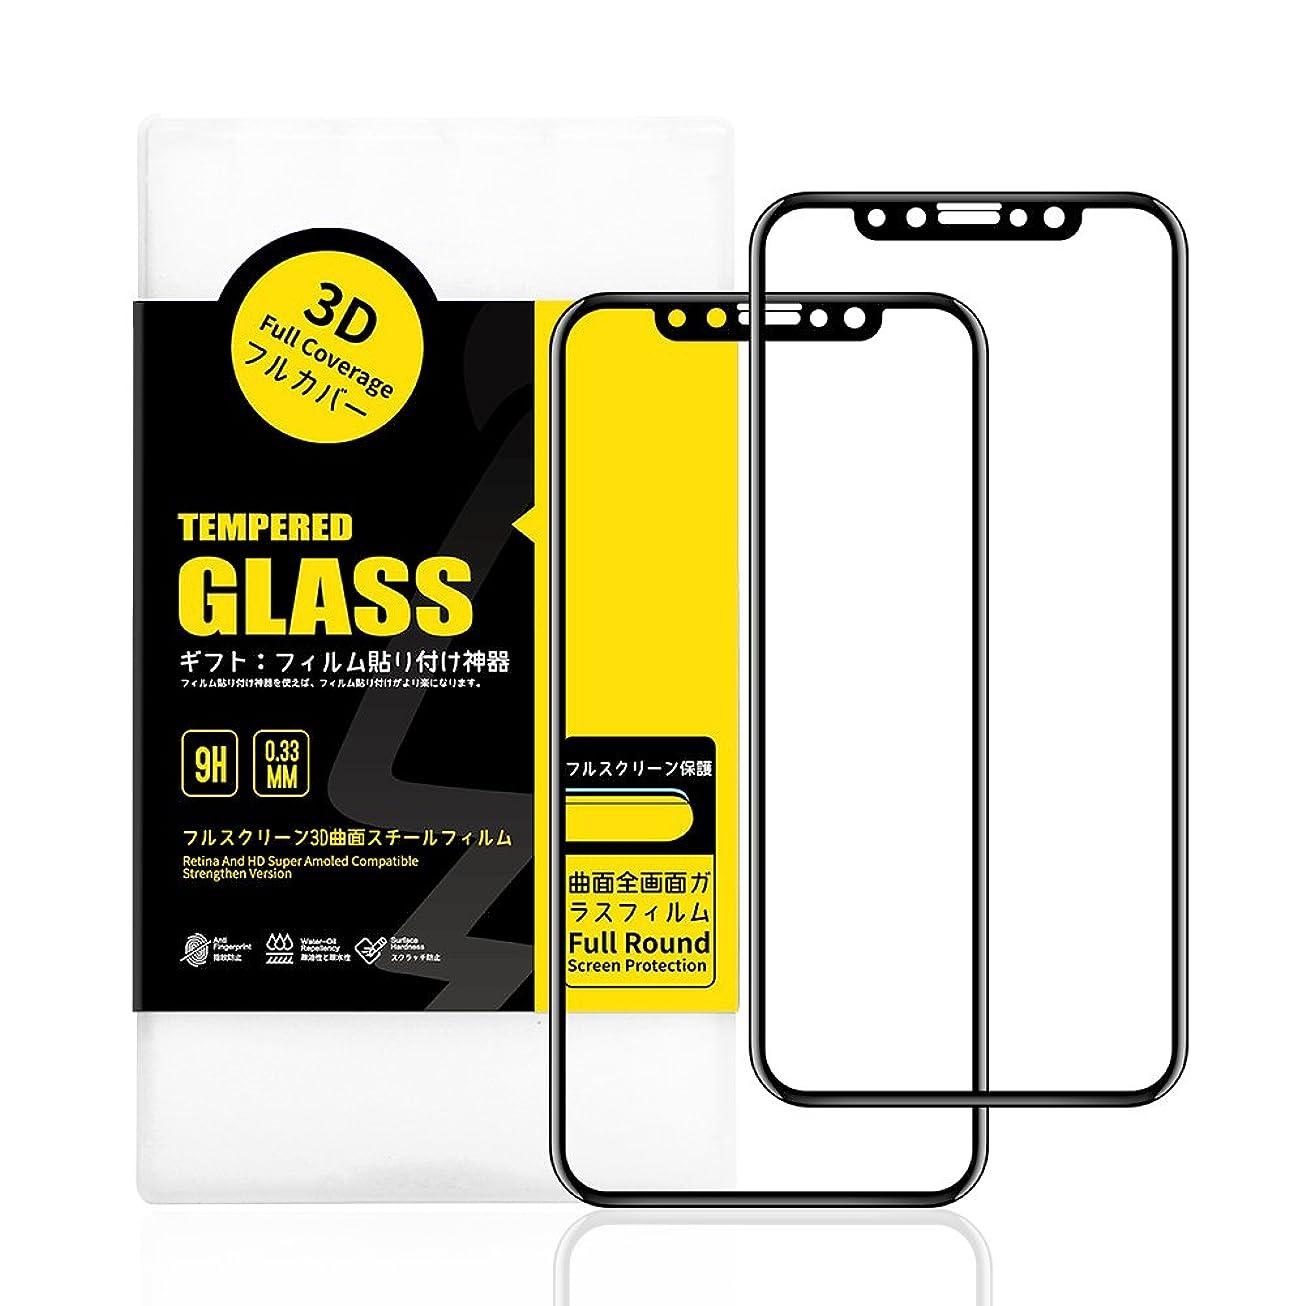 やむを得ない里親のりSmartDevil iPhone x/iphone 11 pro ガラスフィルム 液晶保護強化【日本製素材旭硝子製】3D Touch対応/業界最高硬度9H/気泡レス/耐衝撃/撥水?防水/高透過率 (2枚セット枠ガイド付き) (黒い枠) 5.8インチ